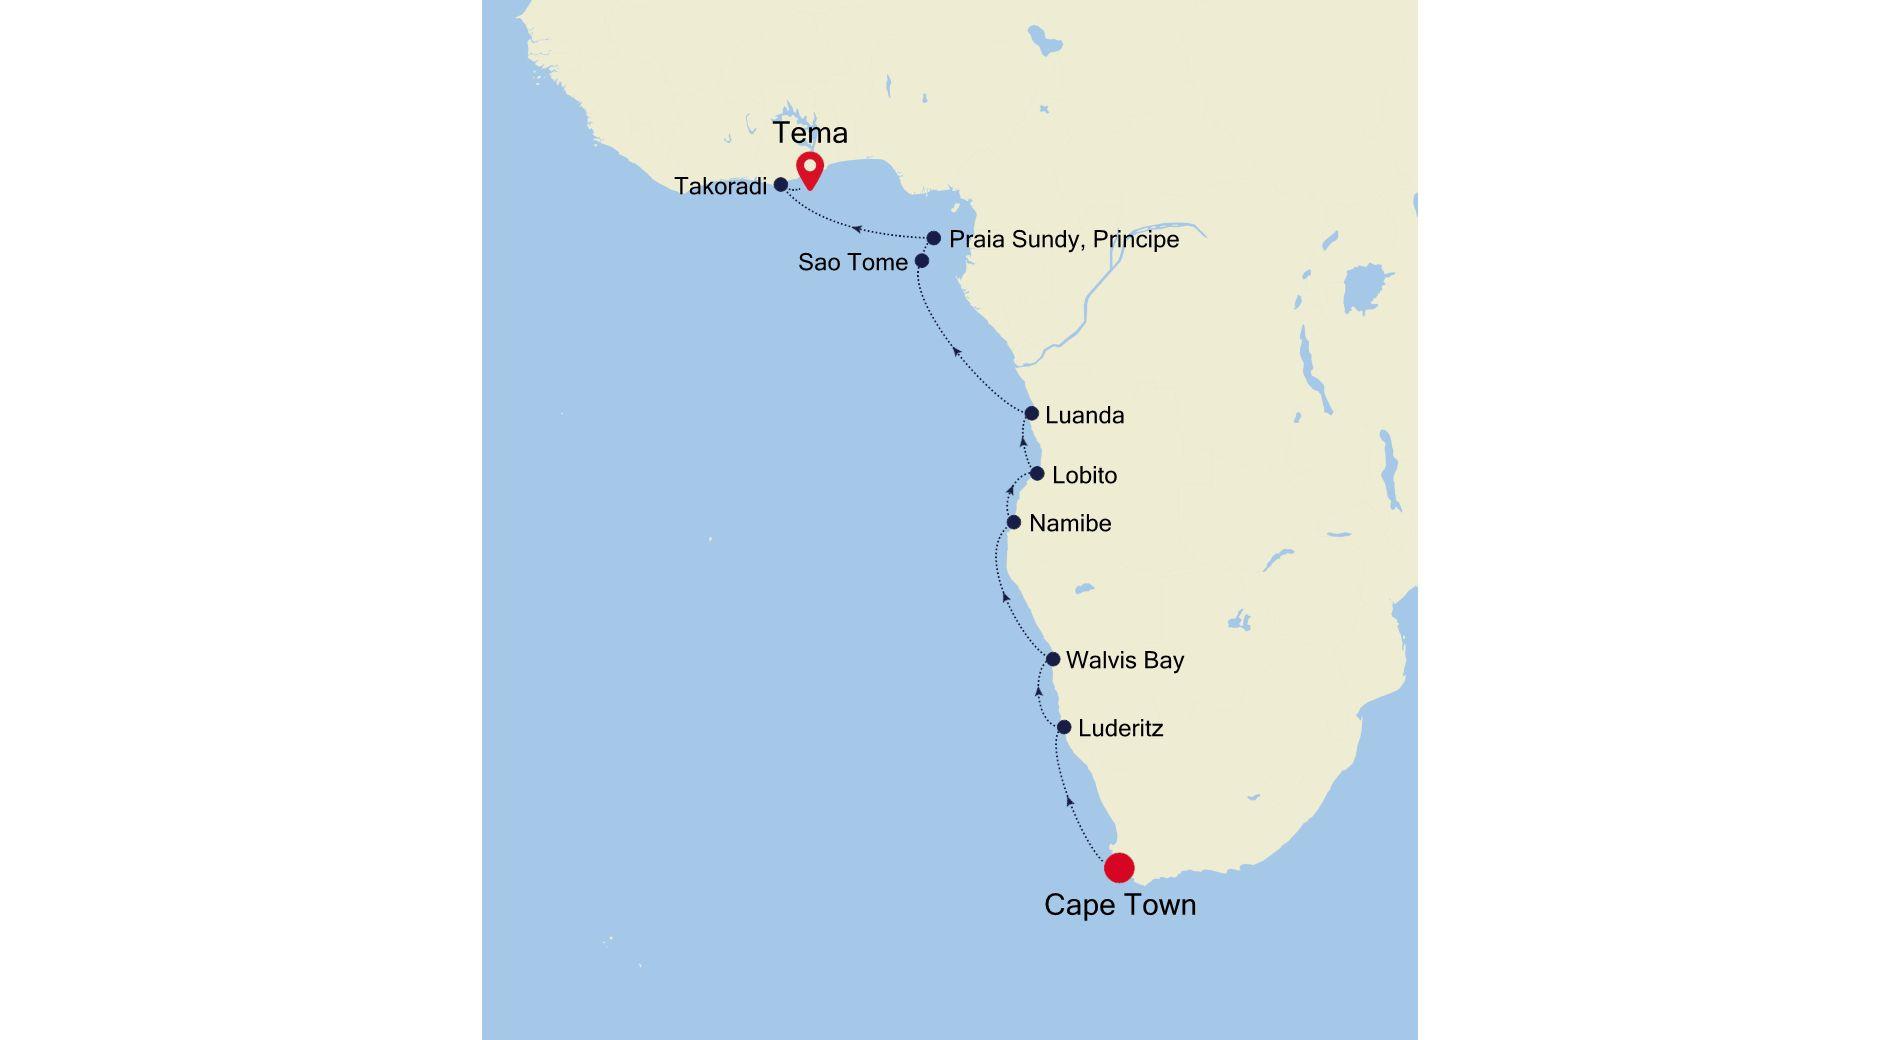 1908 - Cape Town a Tema